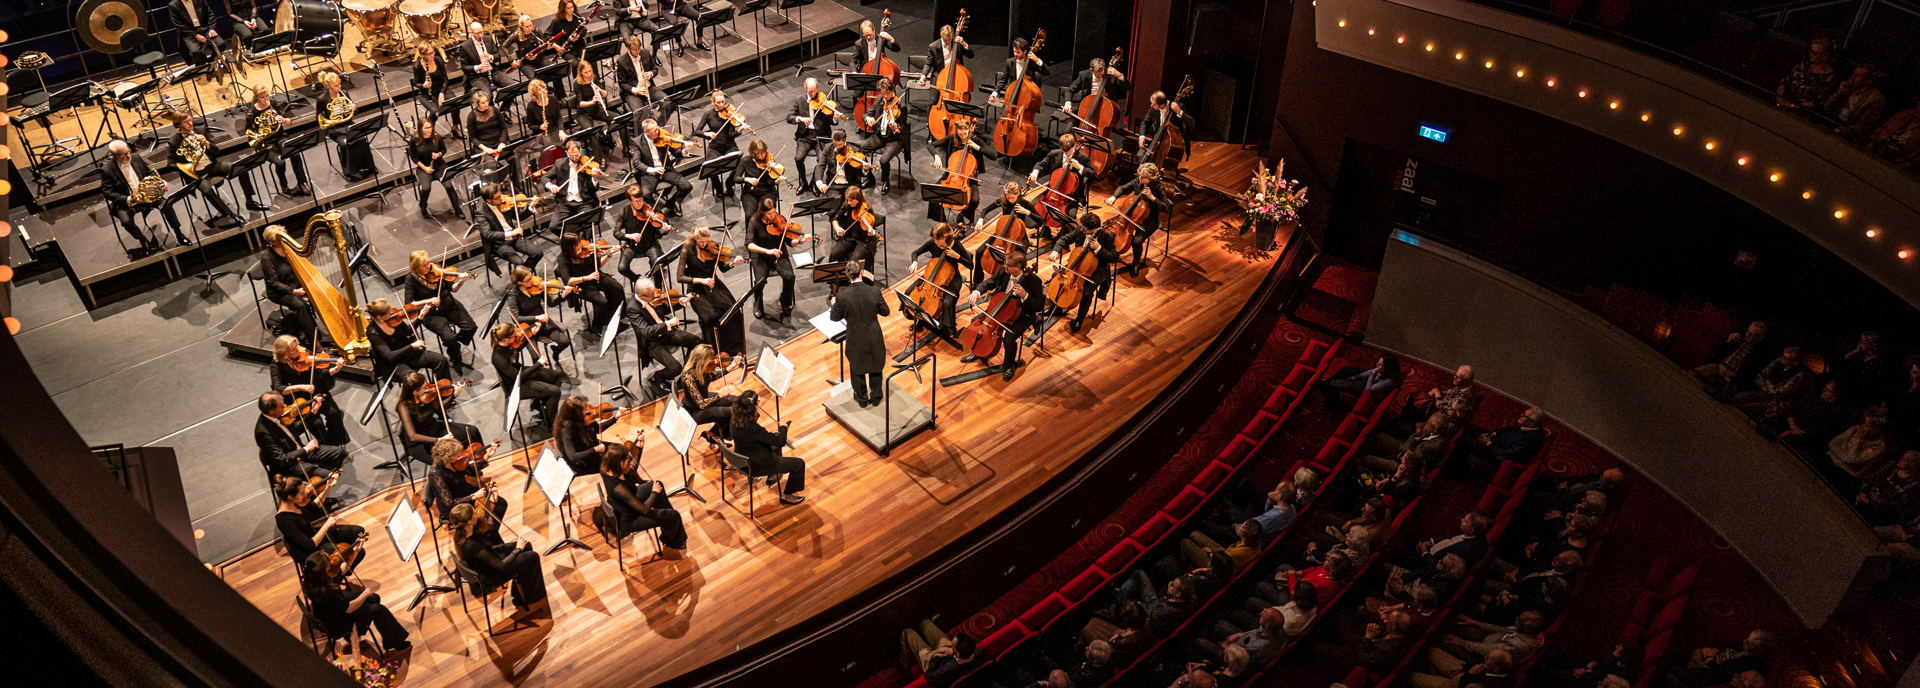 De orkestbak van de Tamboerzaal is uitermate geschikt bij grote orkesten en gezelschappen